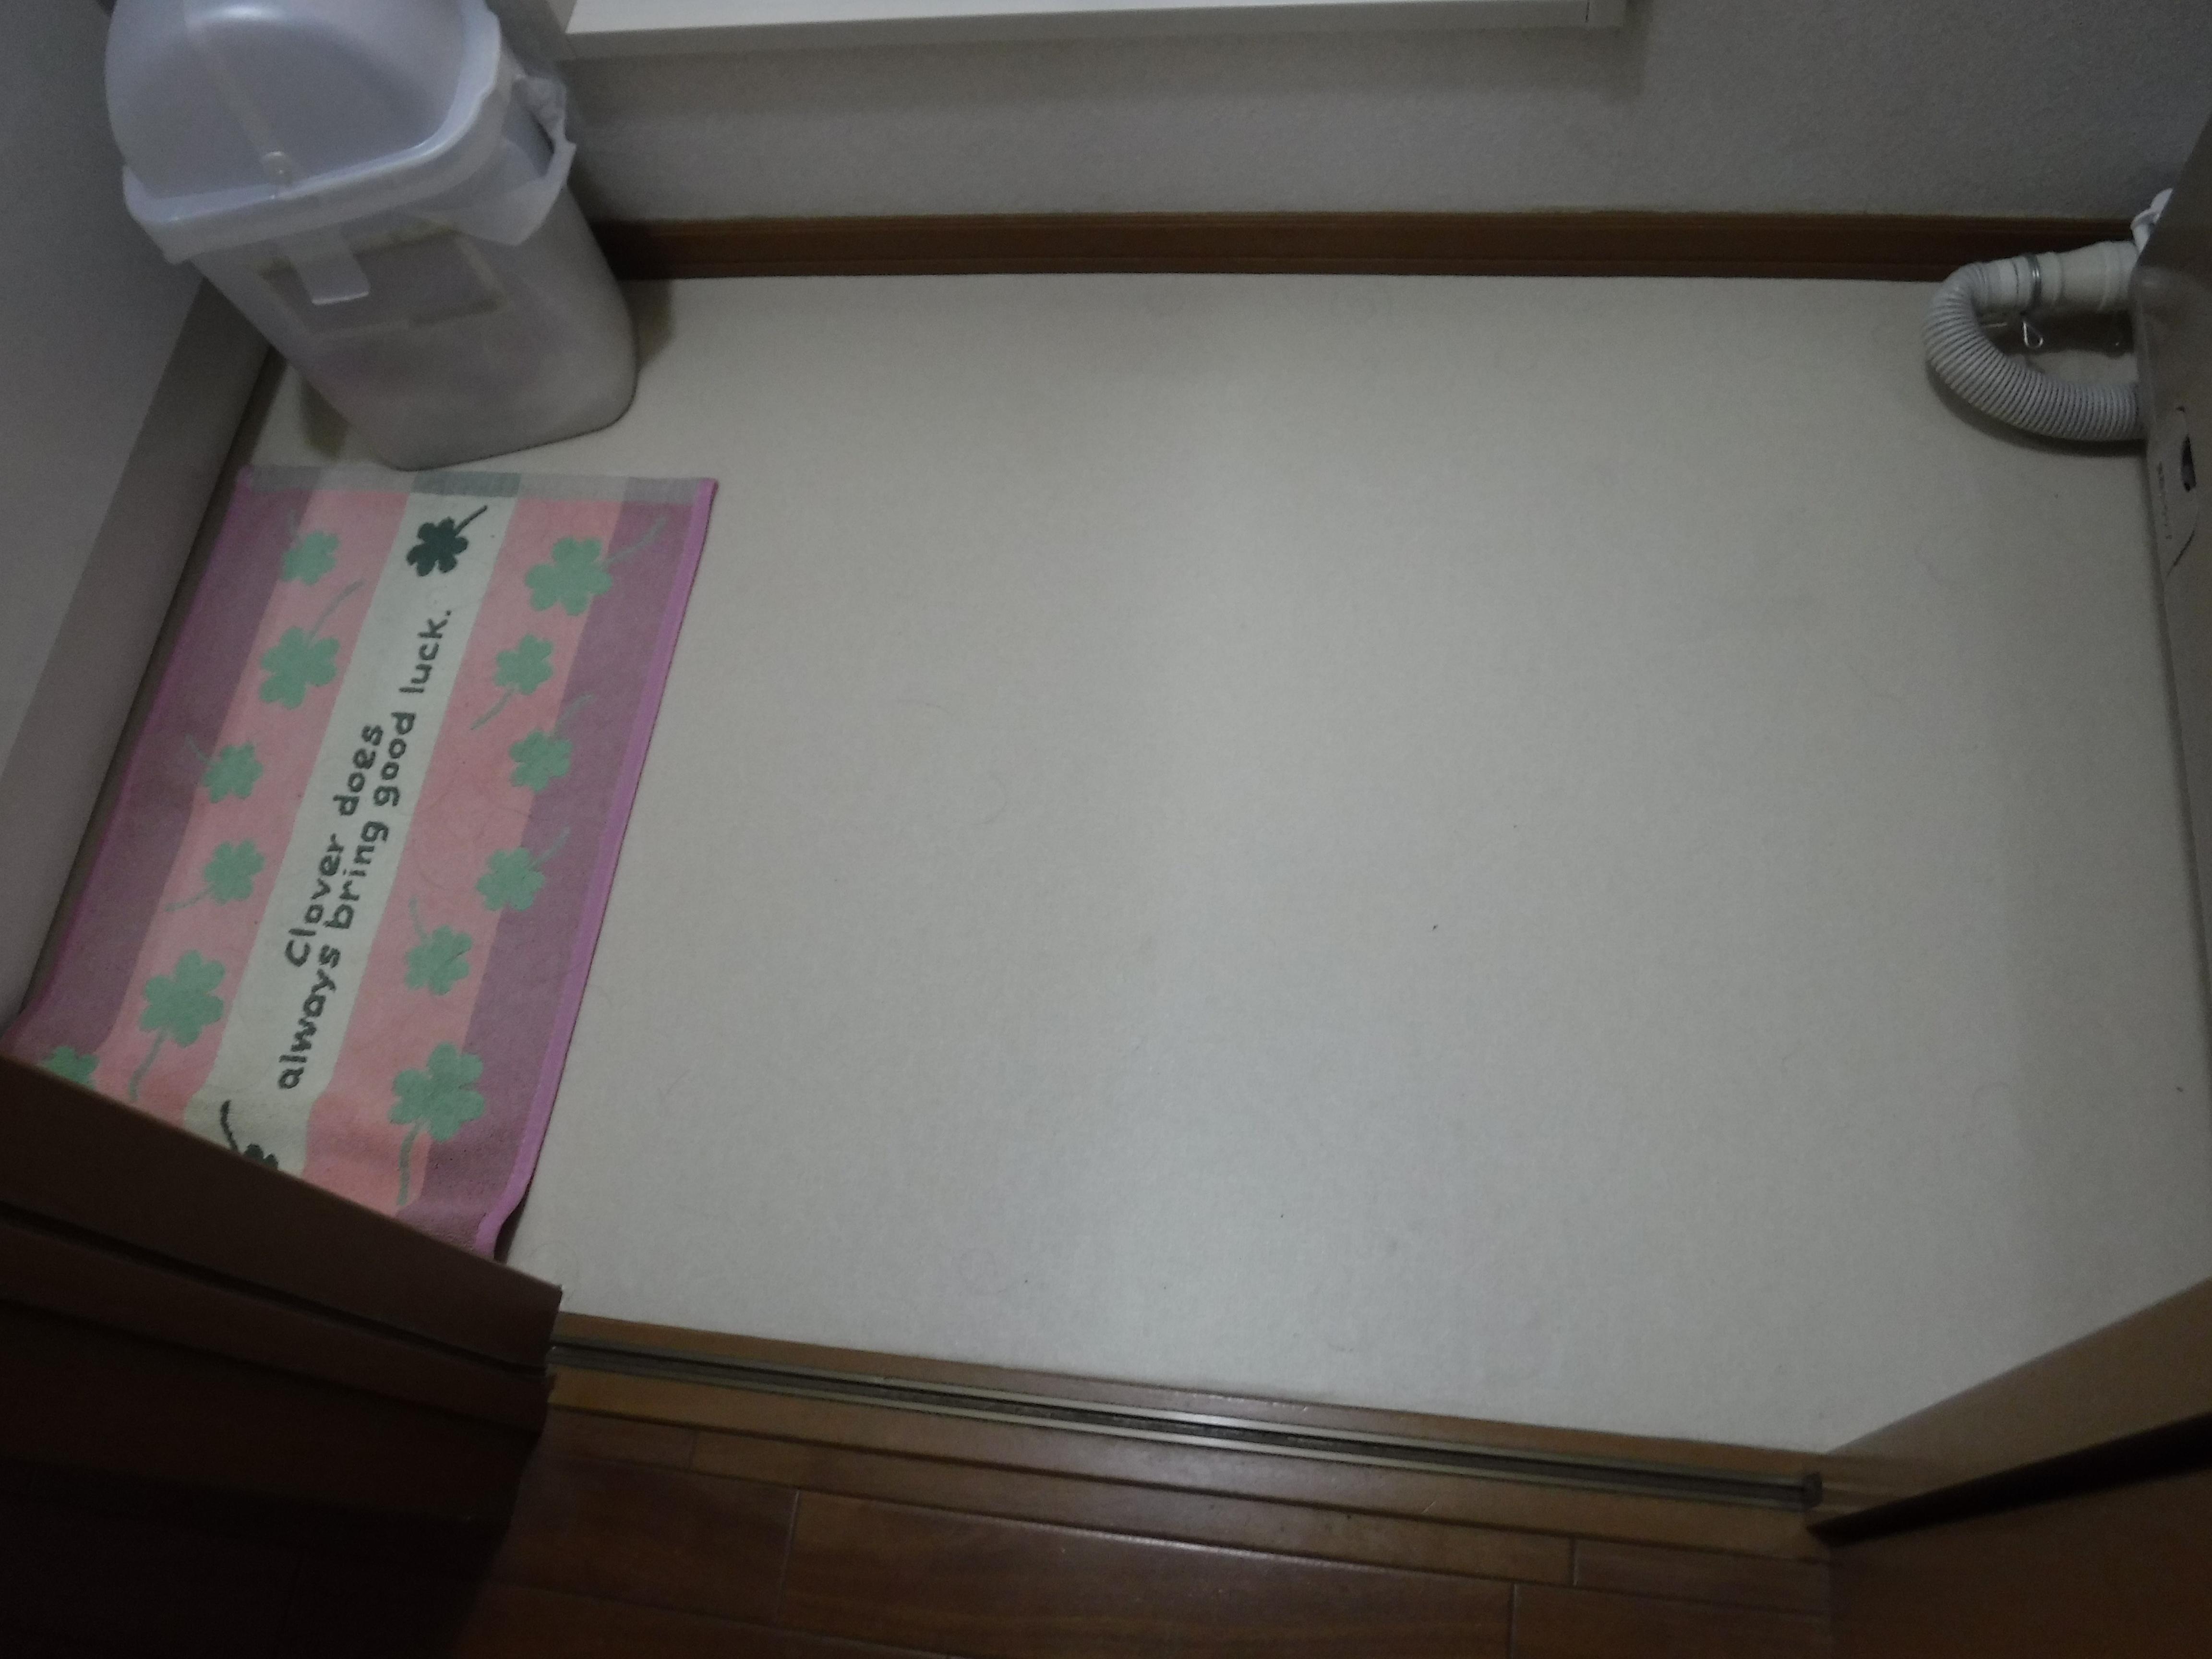 我家のいろんな物が寿命なのか・・・?脱衣場 床CF&洗濯機水栓